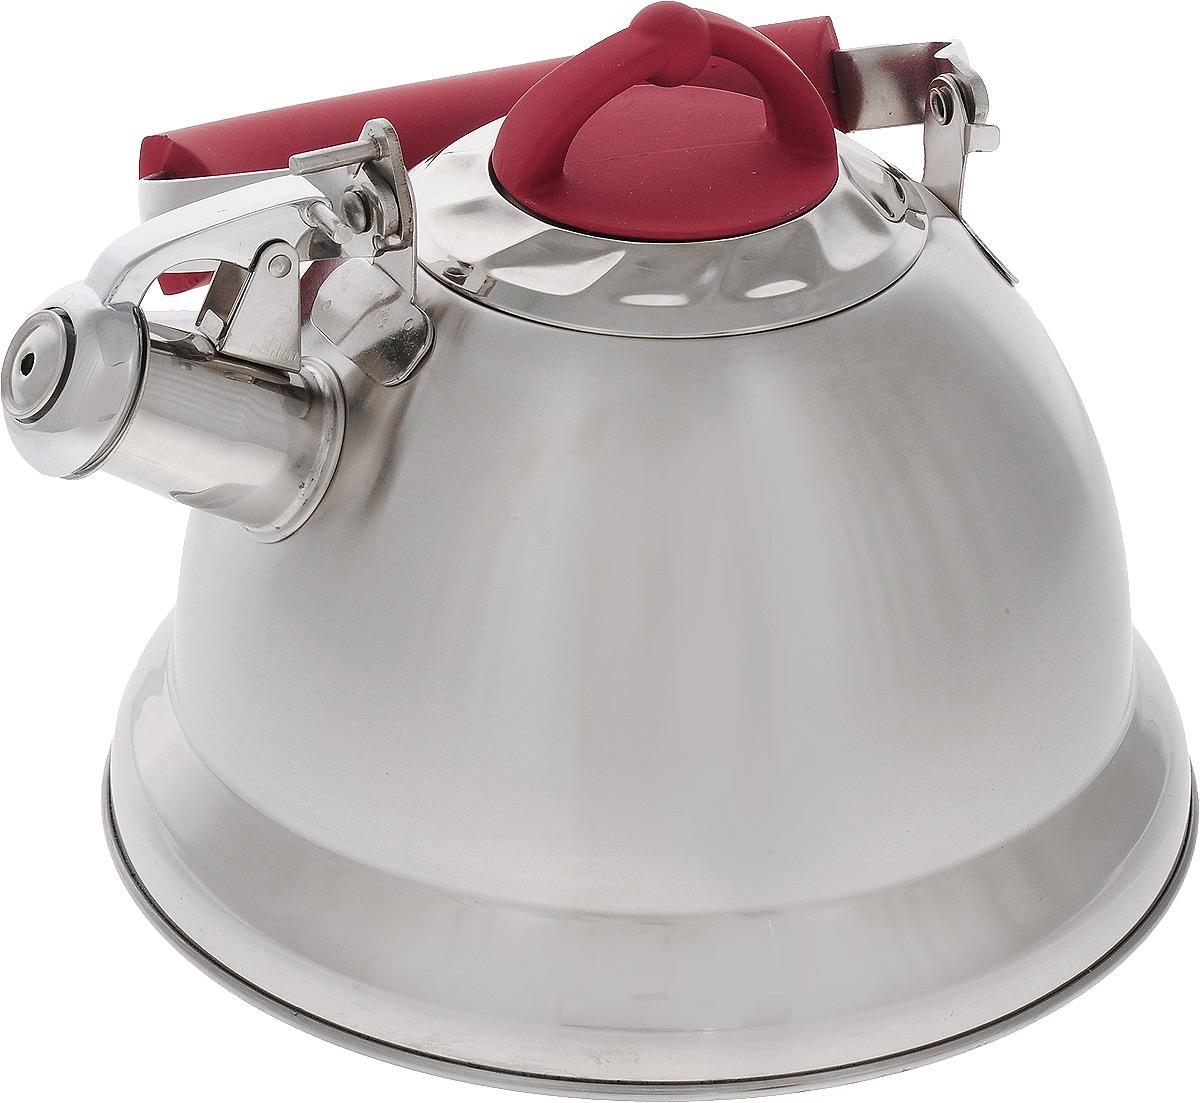 Чайник Mayer & Boch, со свистком, цвет: стальной, красный, 3,2 л. 2278022780Чайник Mayer & Boch изготовлен из высококачественной нержавеющей стали, что делает его весьма гигиеничным и устойчивым к износу при длительном использовании. Капсулированное днообеспечивает равномерный и быстрый нагрев, поэтому вода закипает гораздо быстрее, чем в обычных чайниках. Чайник оснащен откидным свистком, звуковой сигнал которого подскажет, когда закипит вода. Подвижная ручка из стали и бакелита дает дополнительное удобство при разлитии напитка. Чайник Mayer & Boch идеально впишется в интерьер любой кухни и станет замечательным подарком к любому случаю. Подходит для газовых, стеклокерамических, индукционных и электрических плит. Можно мыть в посудомоечной машине. Высота чайника (без учета ручки и крышки): 13,5 см.Высота чайника (с учетом ручки и крышки): 24 см.Диаметр чайника (по верхнему краю): 10,5 см.